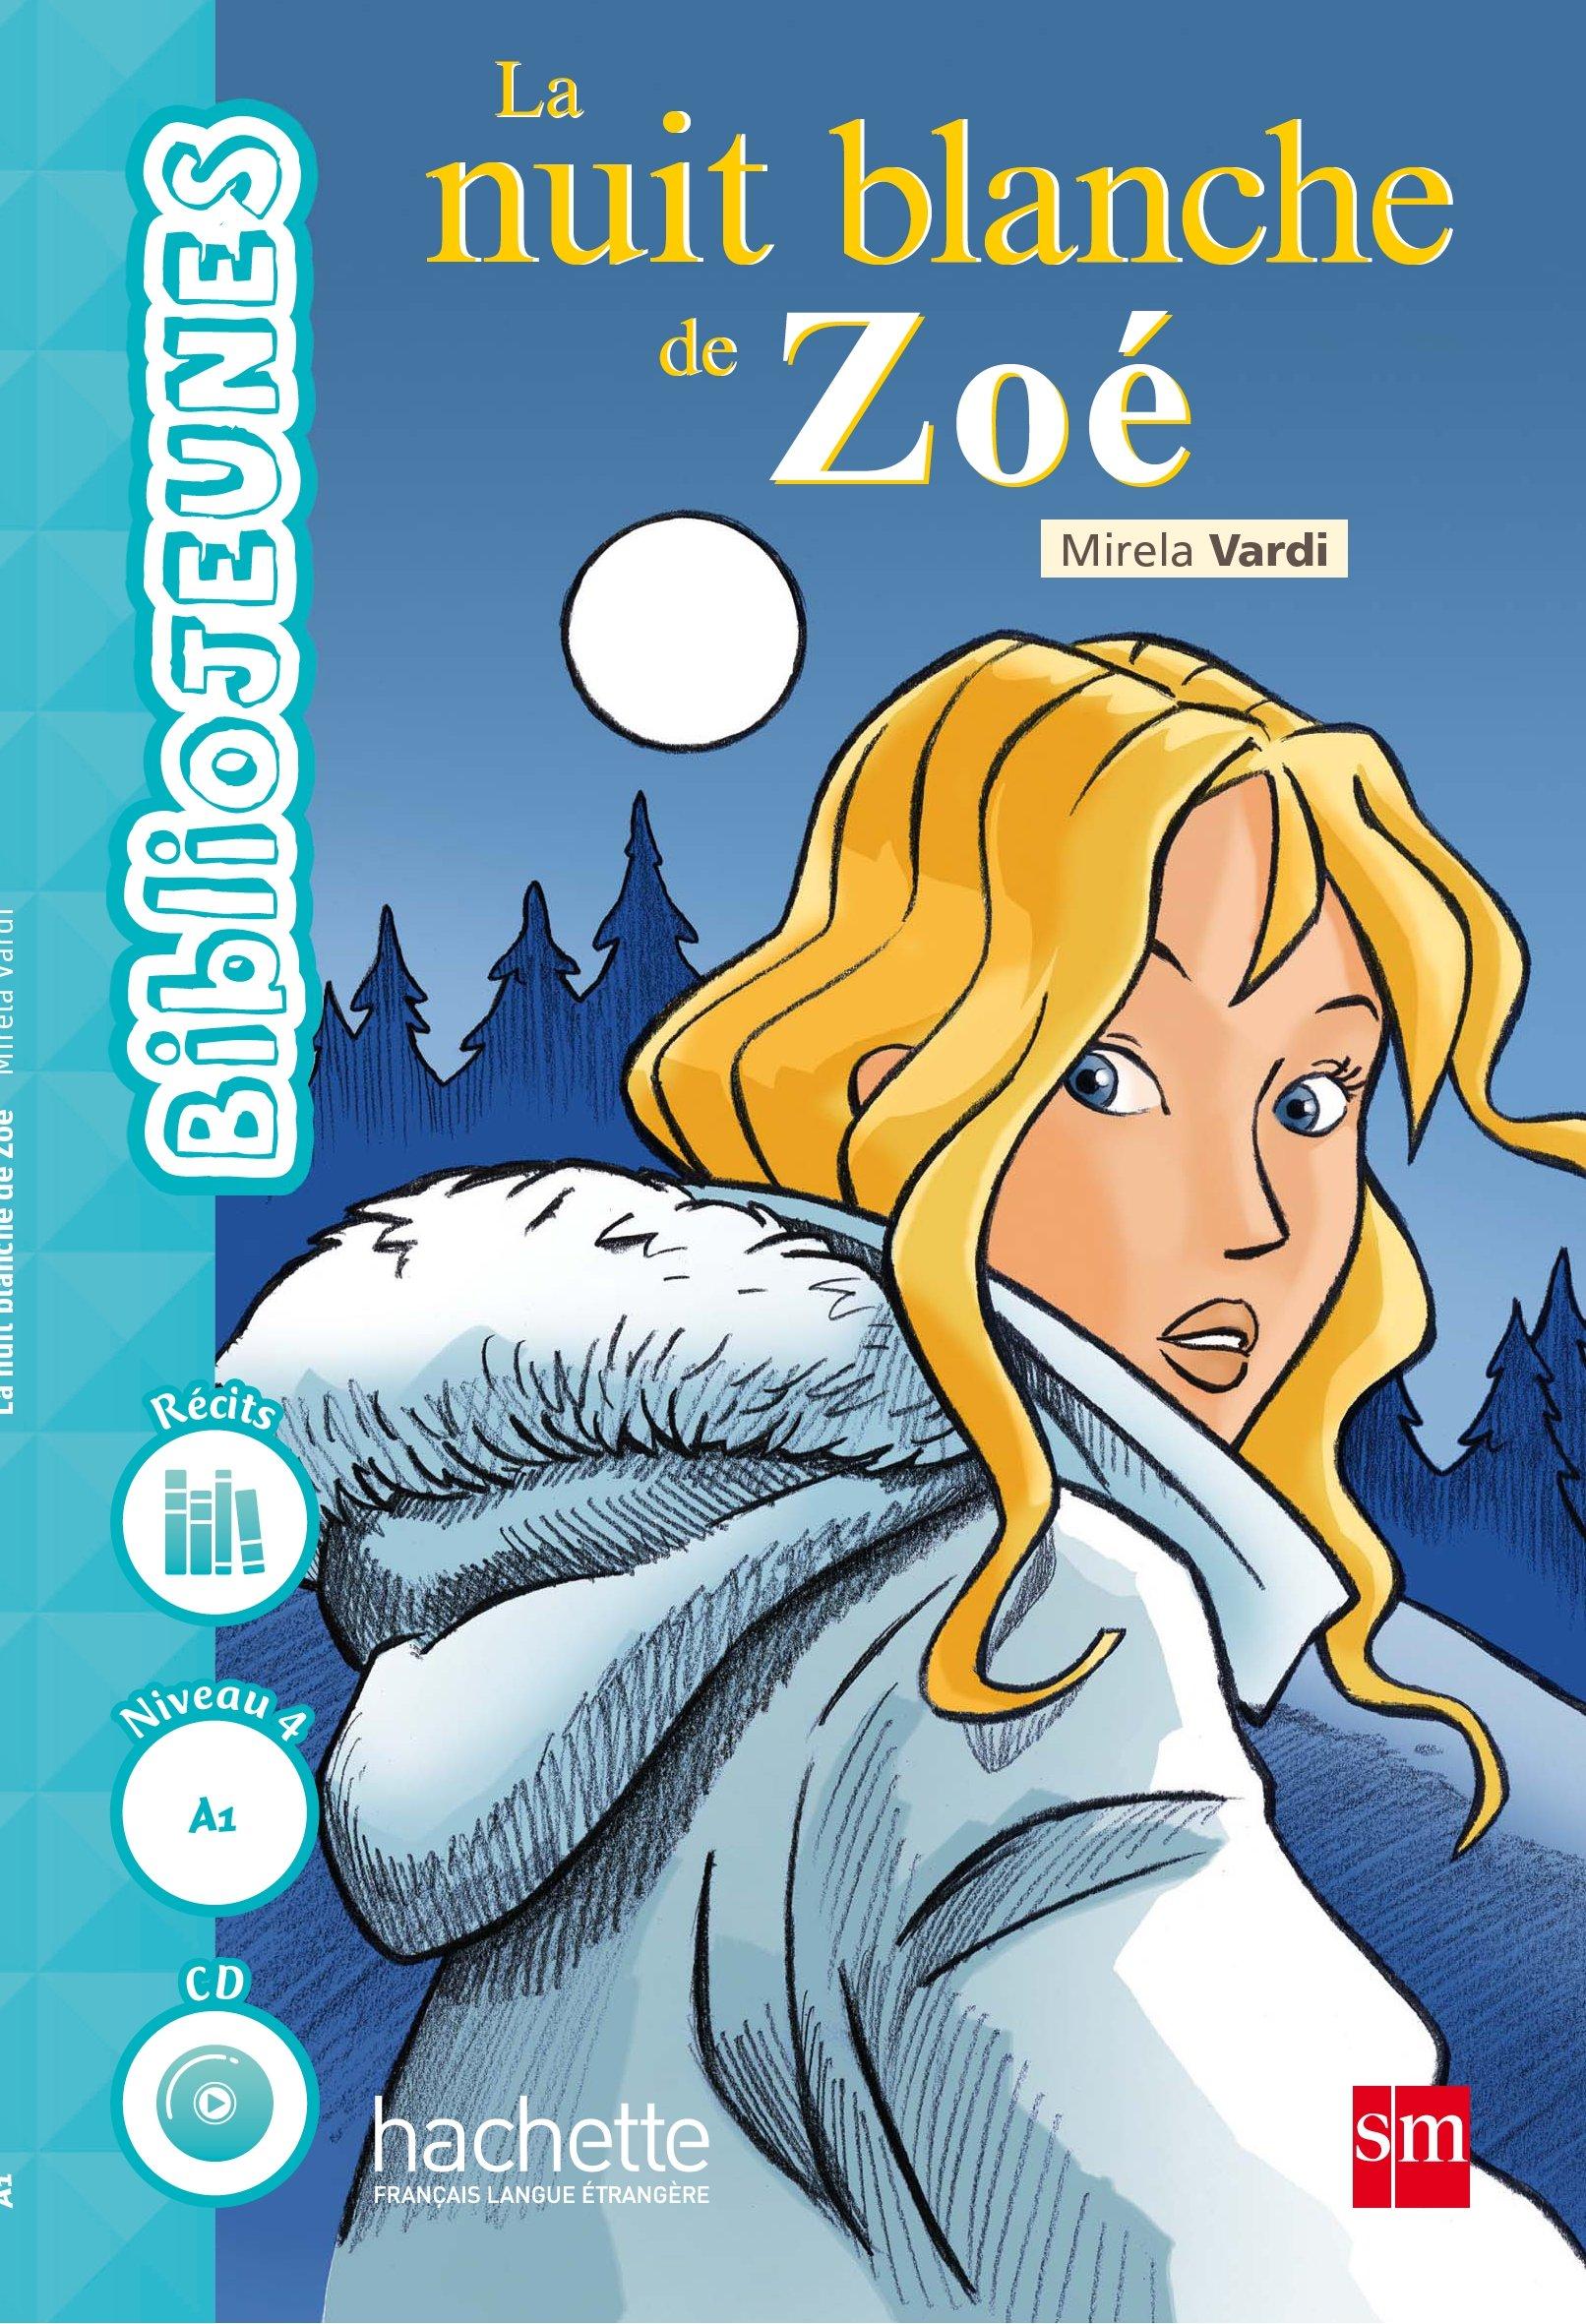 La nuit blanche de Zoé - 9788467583618: Amazon.es: Mirela Vardi: Libros en idiomas extranjeros